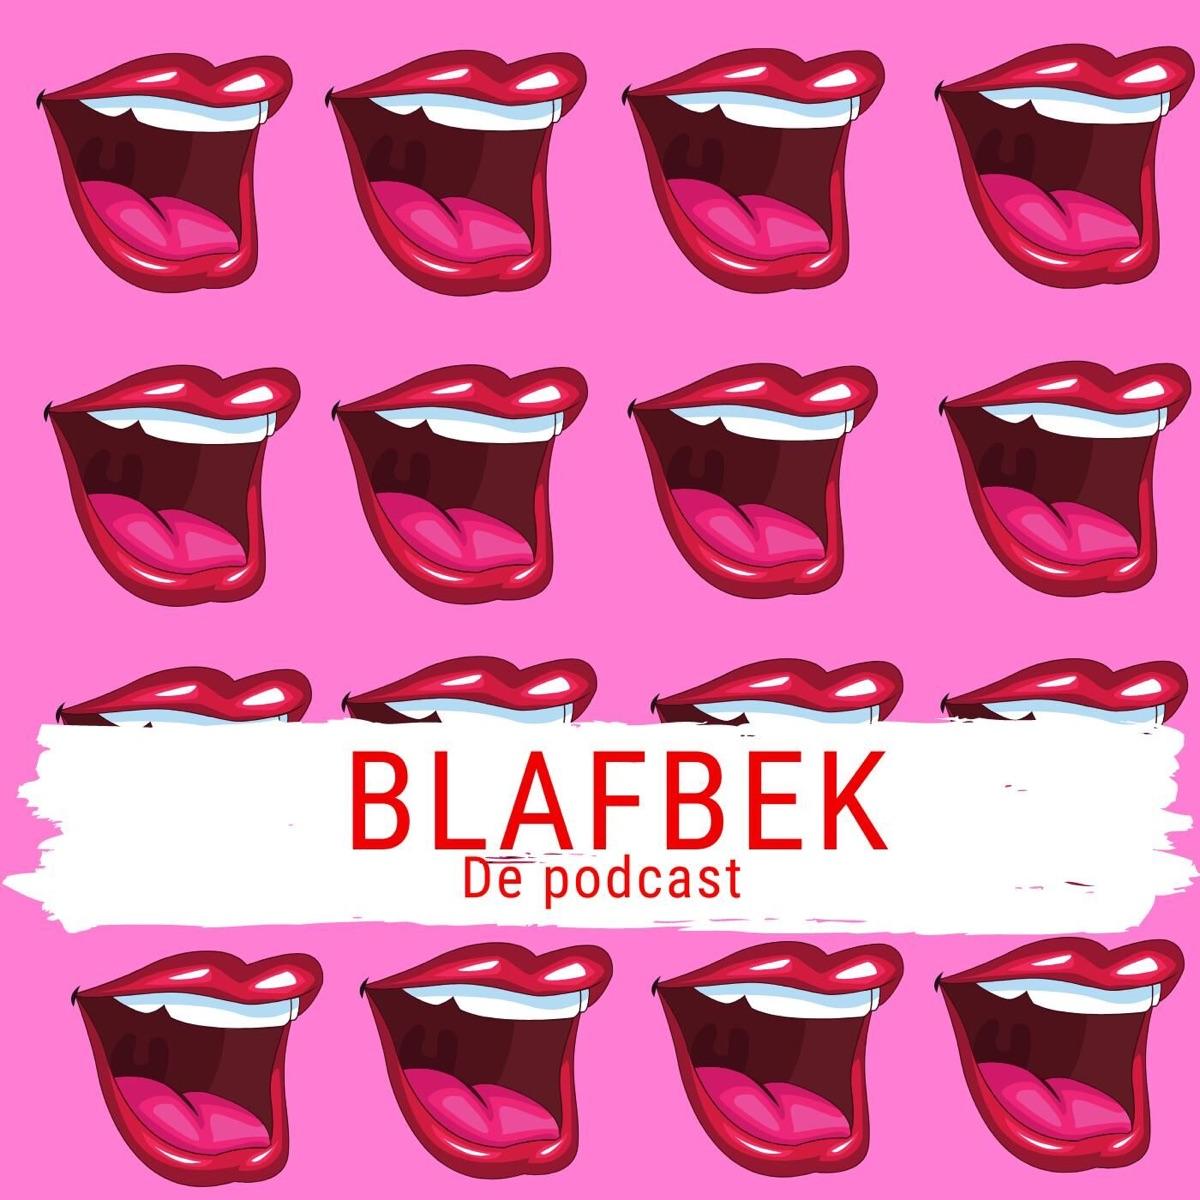 Blafbek de podcast